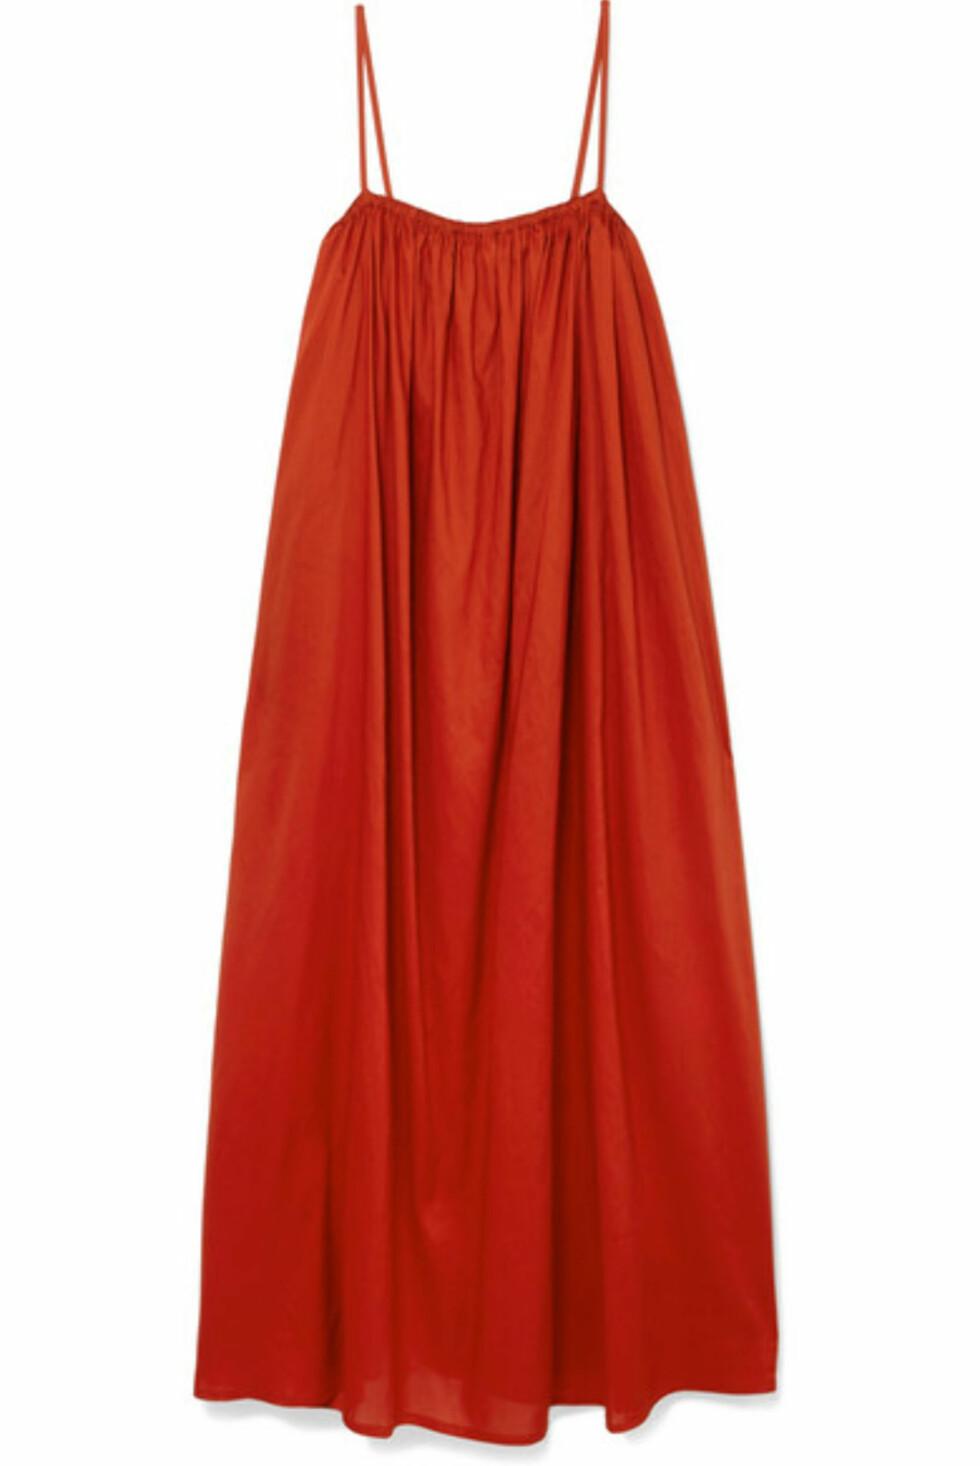 Kjole fra Toteme |3000,-| https://www.net-a-porter.com/no/en/product/1037732/toteme/macau-voile-maxi-dress